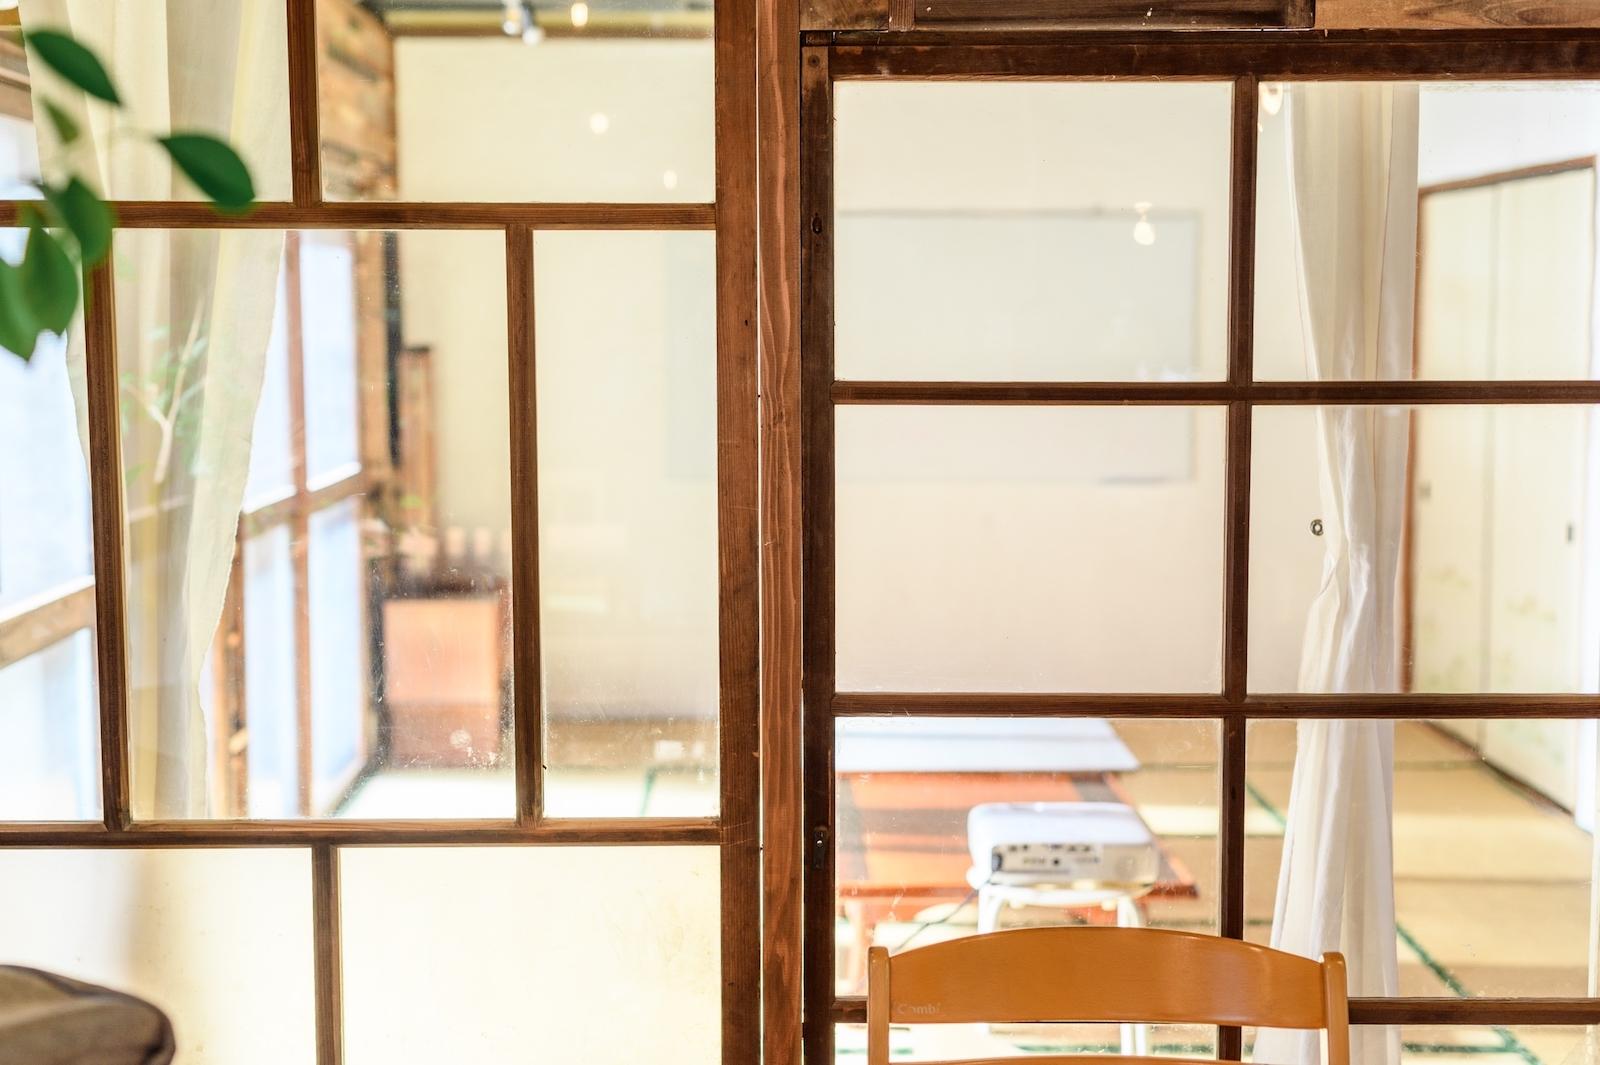 ワークショップなどが行われる和室。古い建物のデザインを活かしている